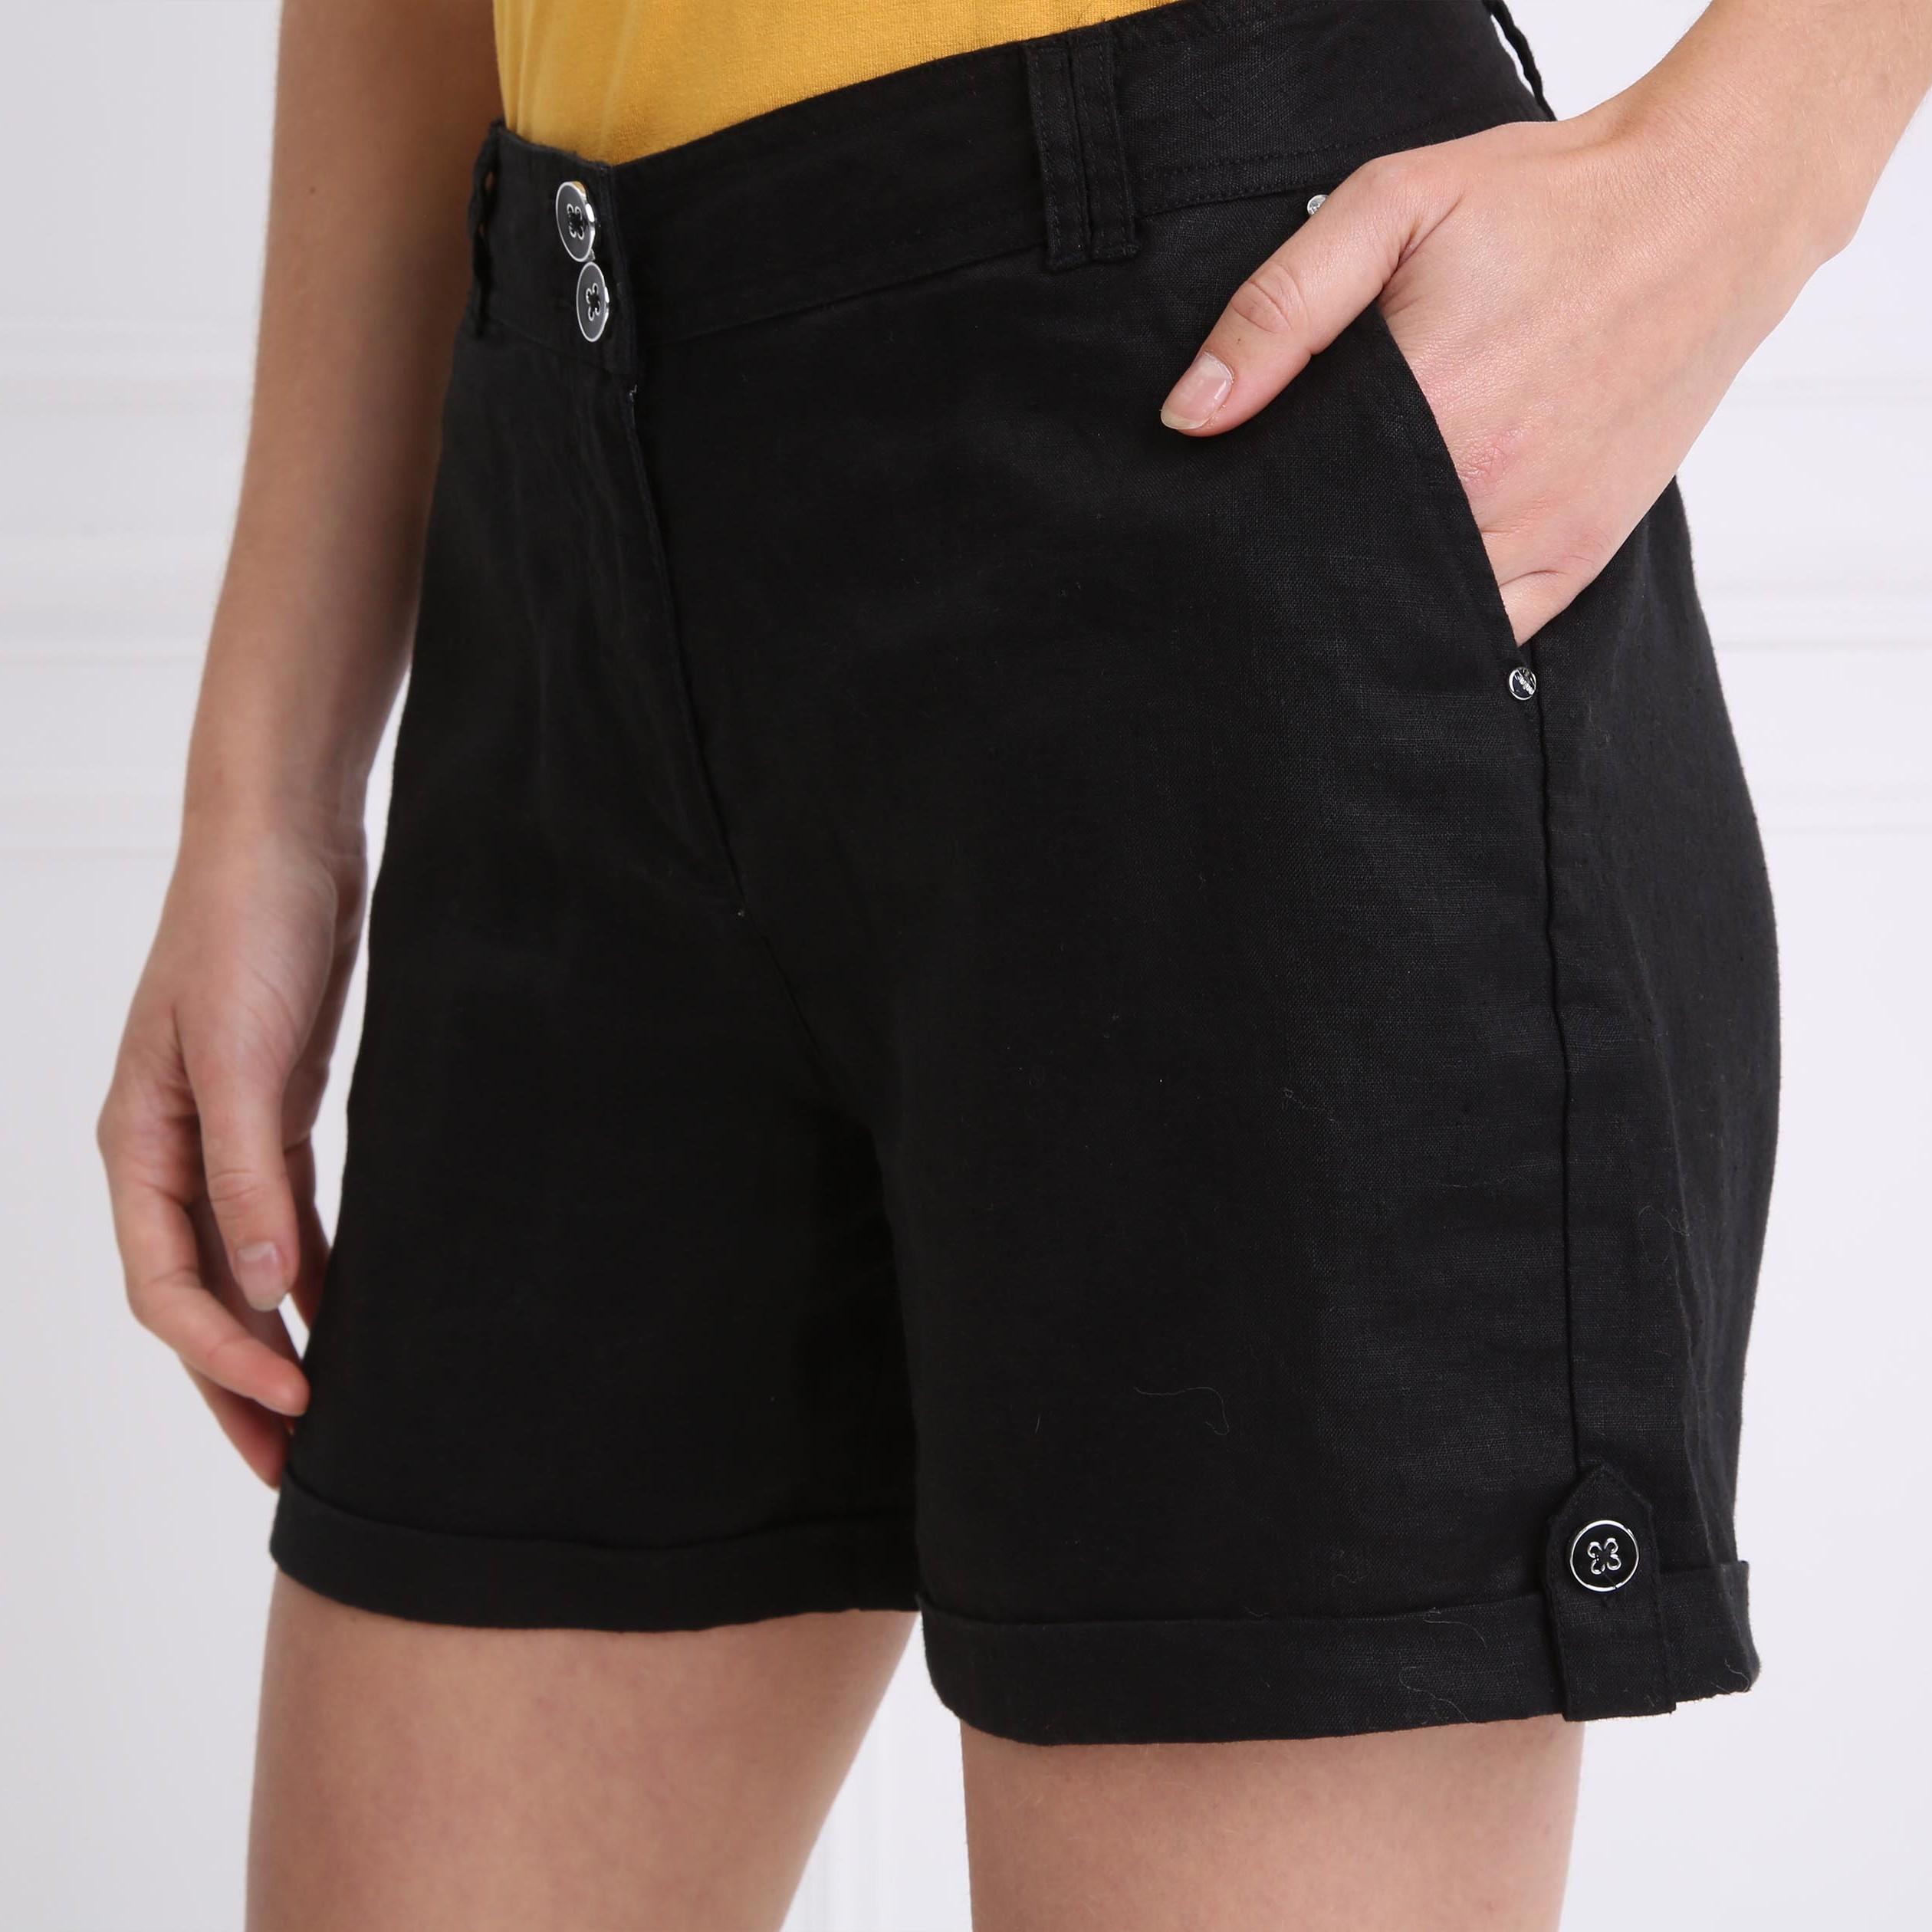 Pantalones negra cortos estándar Mujer Cintura rectos qGzpVUSM